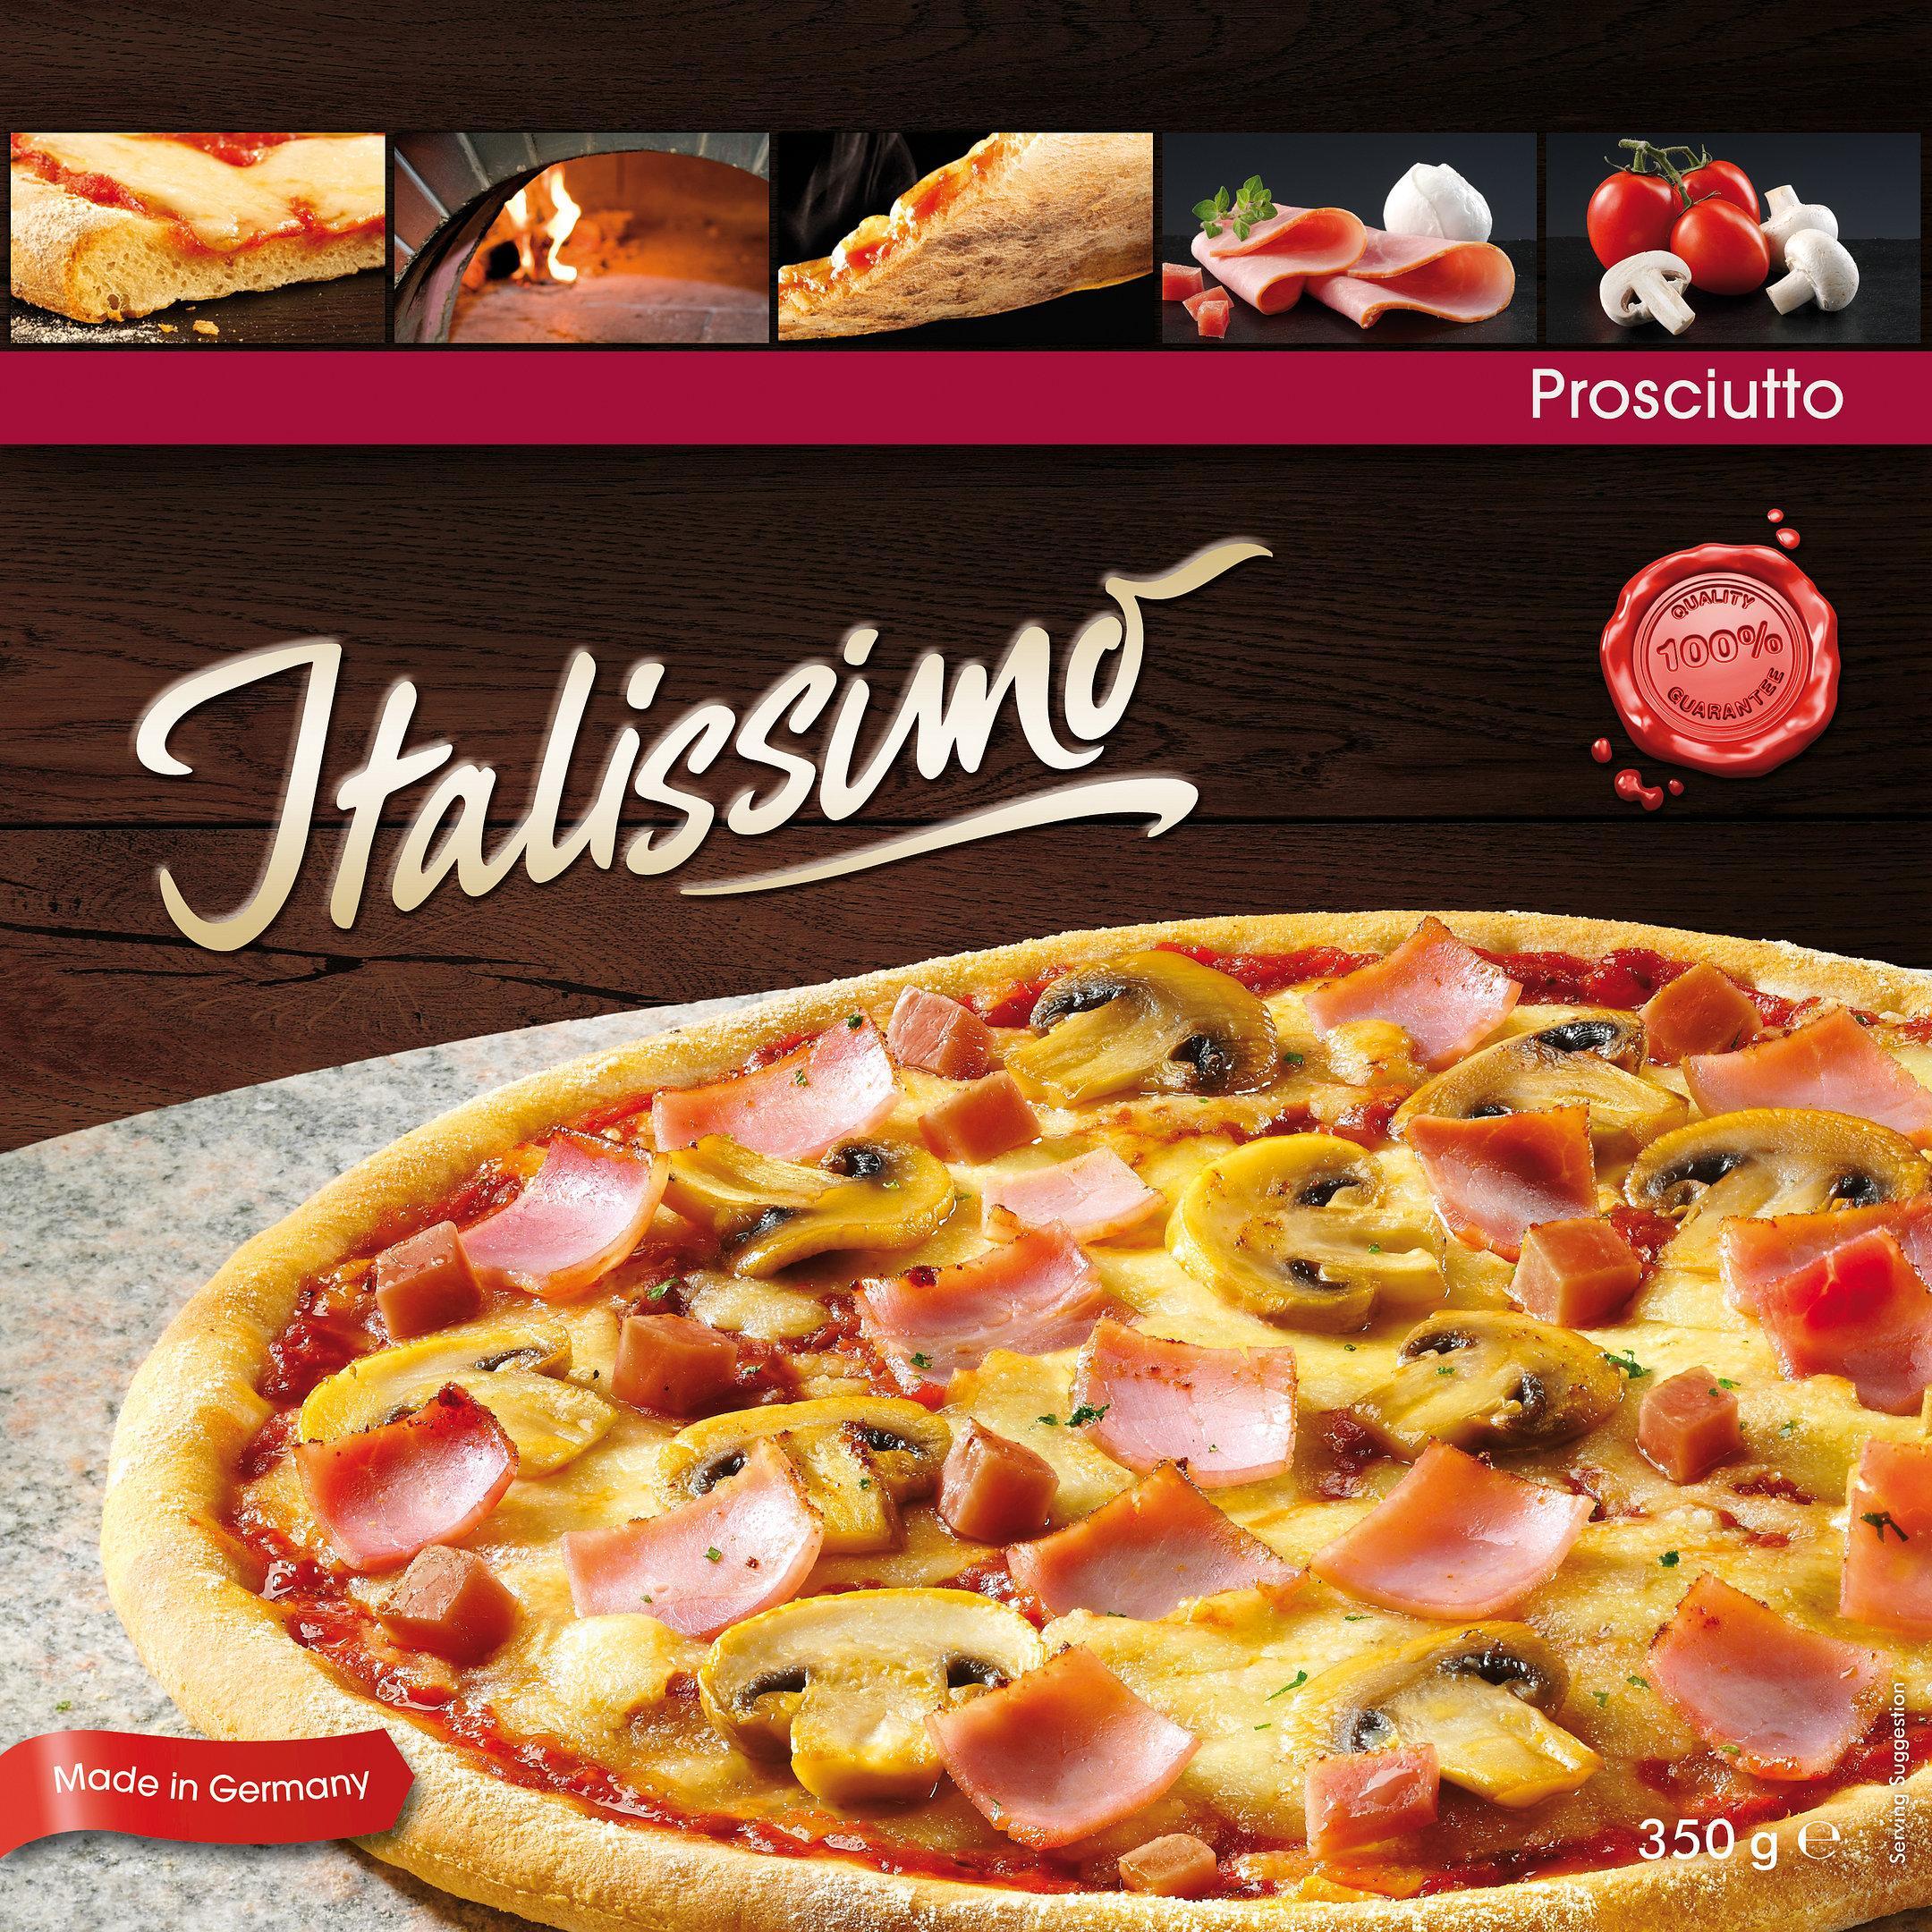 Hasa Pizza Verpackung mit  Schinken Pizza